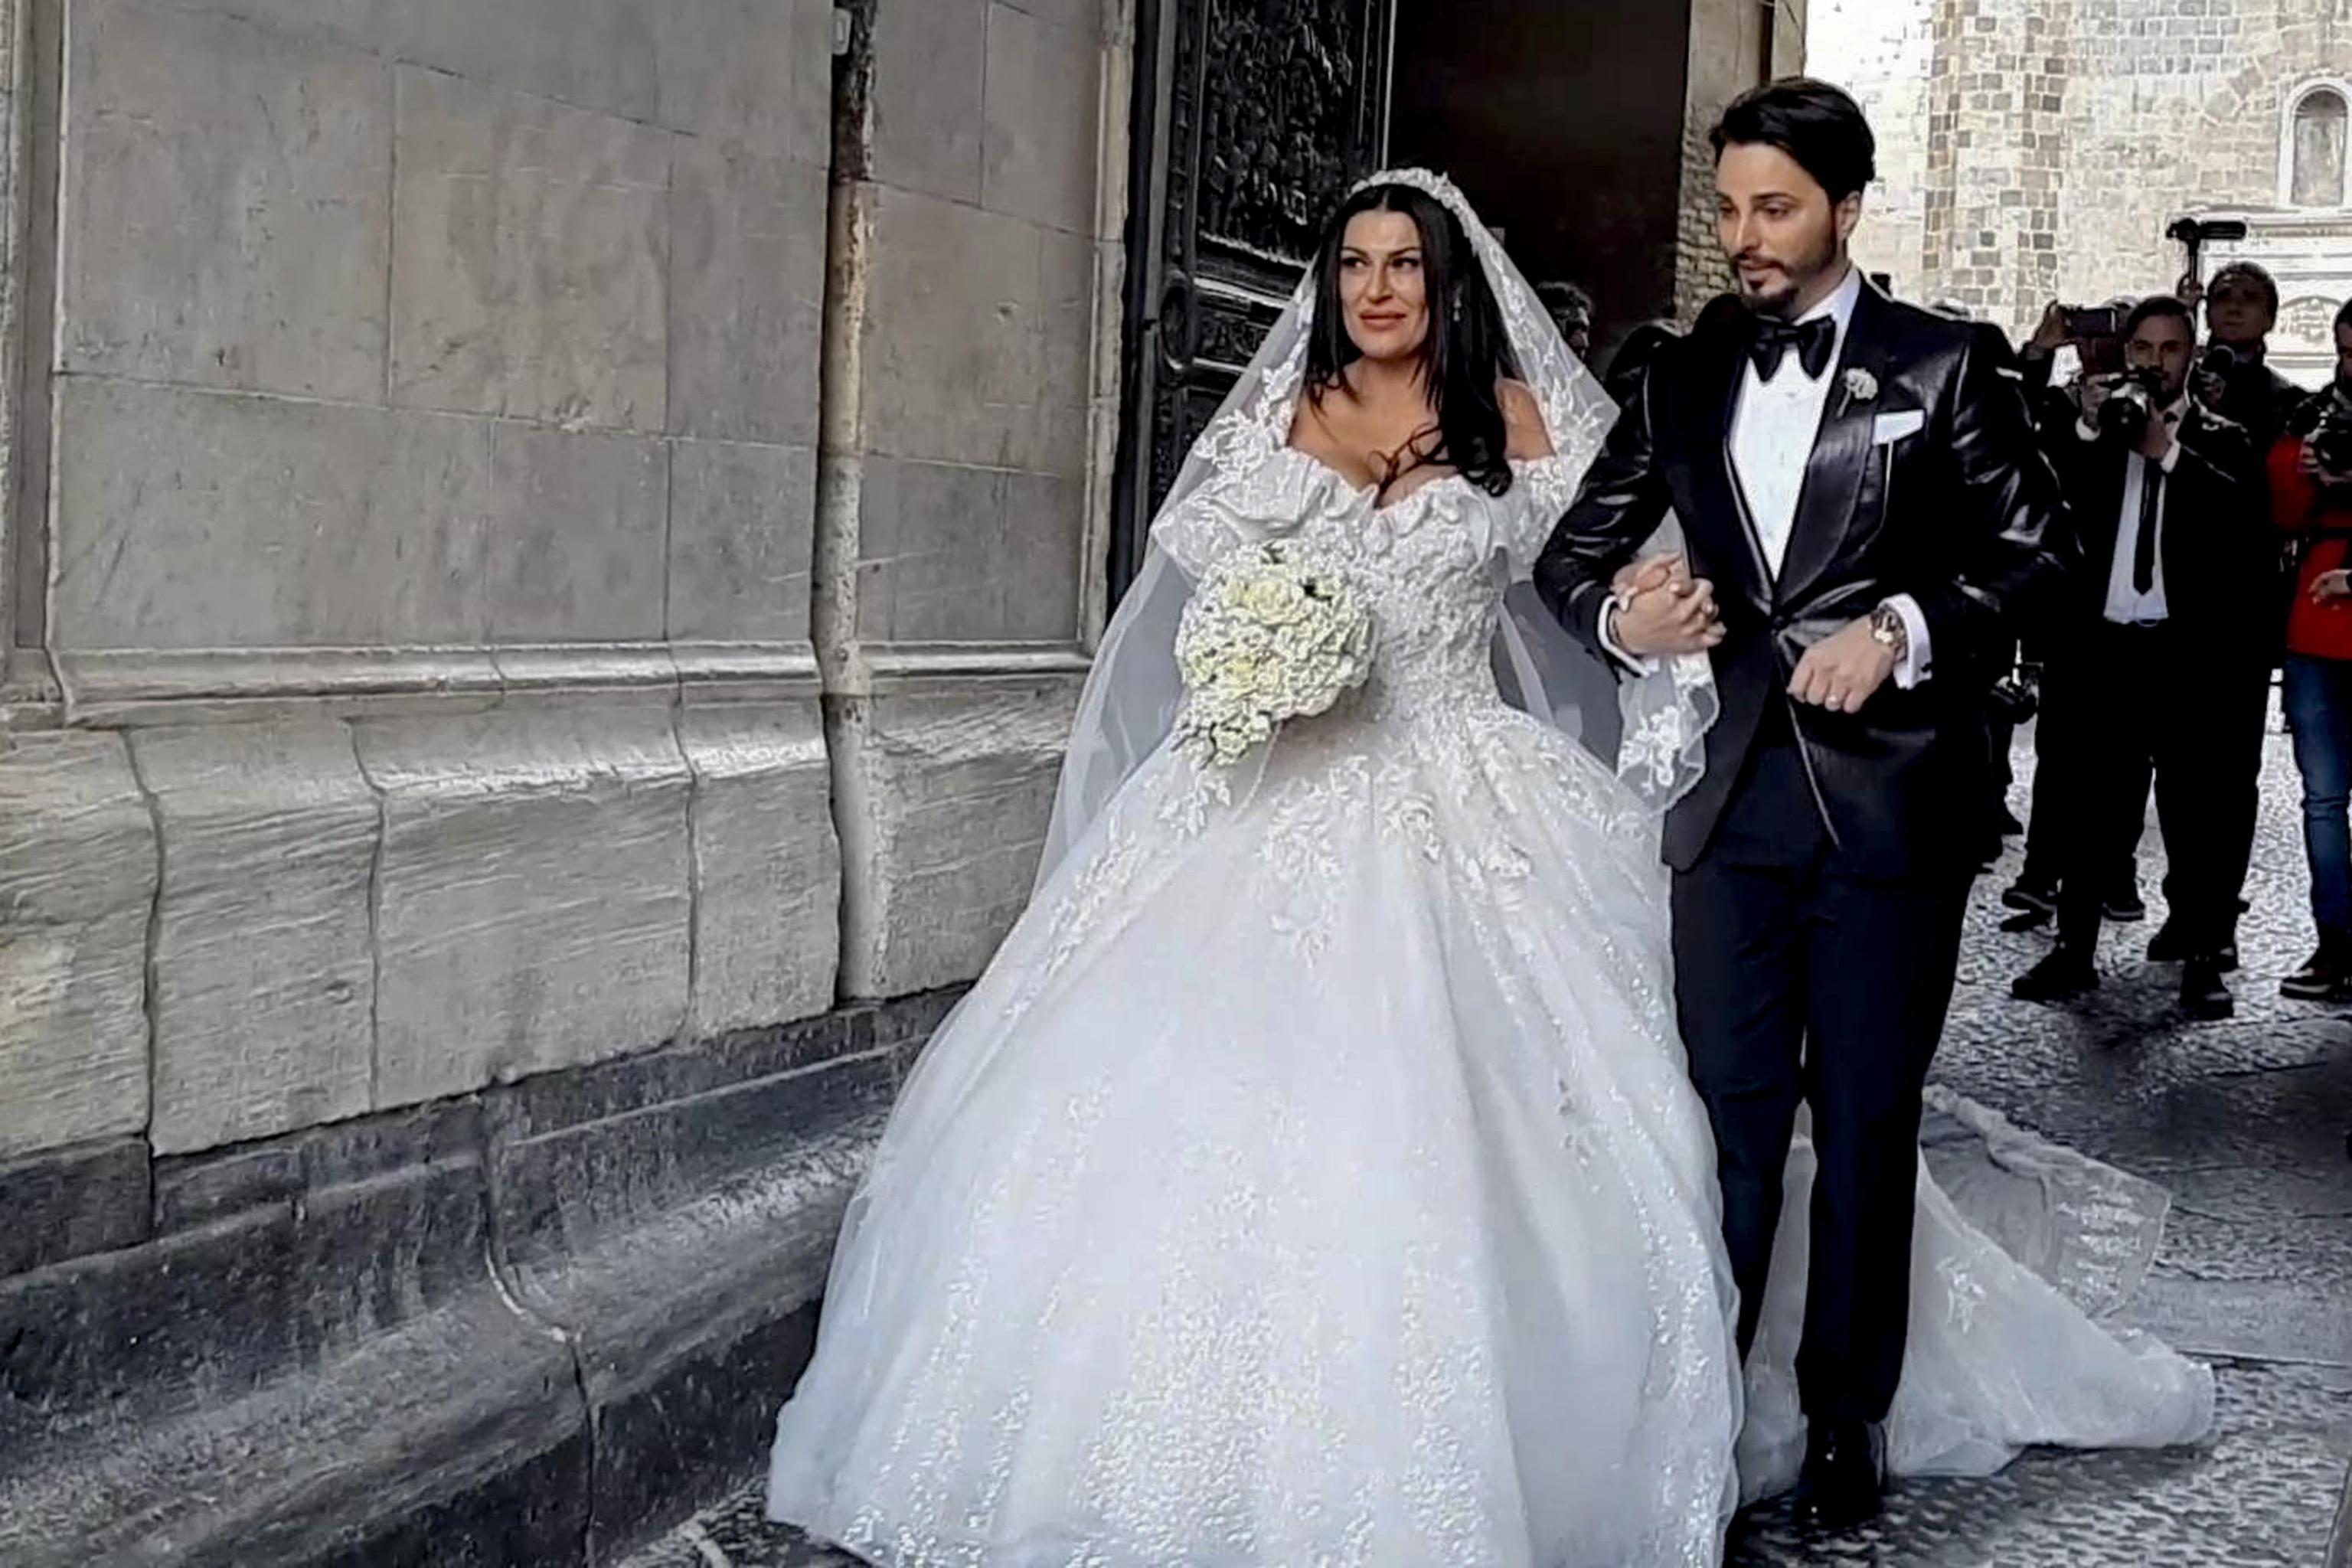 Le nozze trash della vedova del boss mandano in tilt Napoli